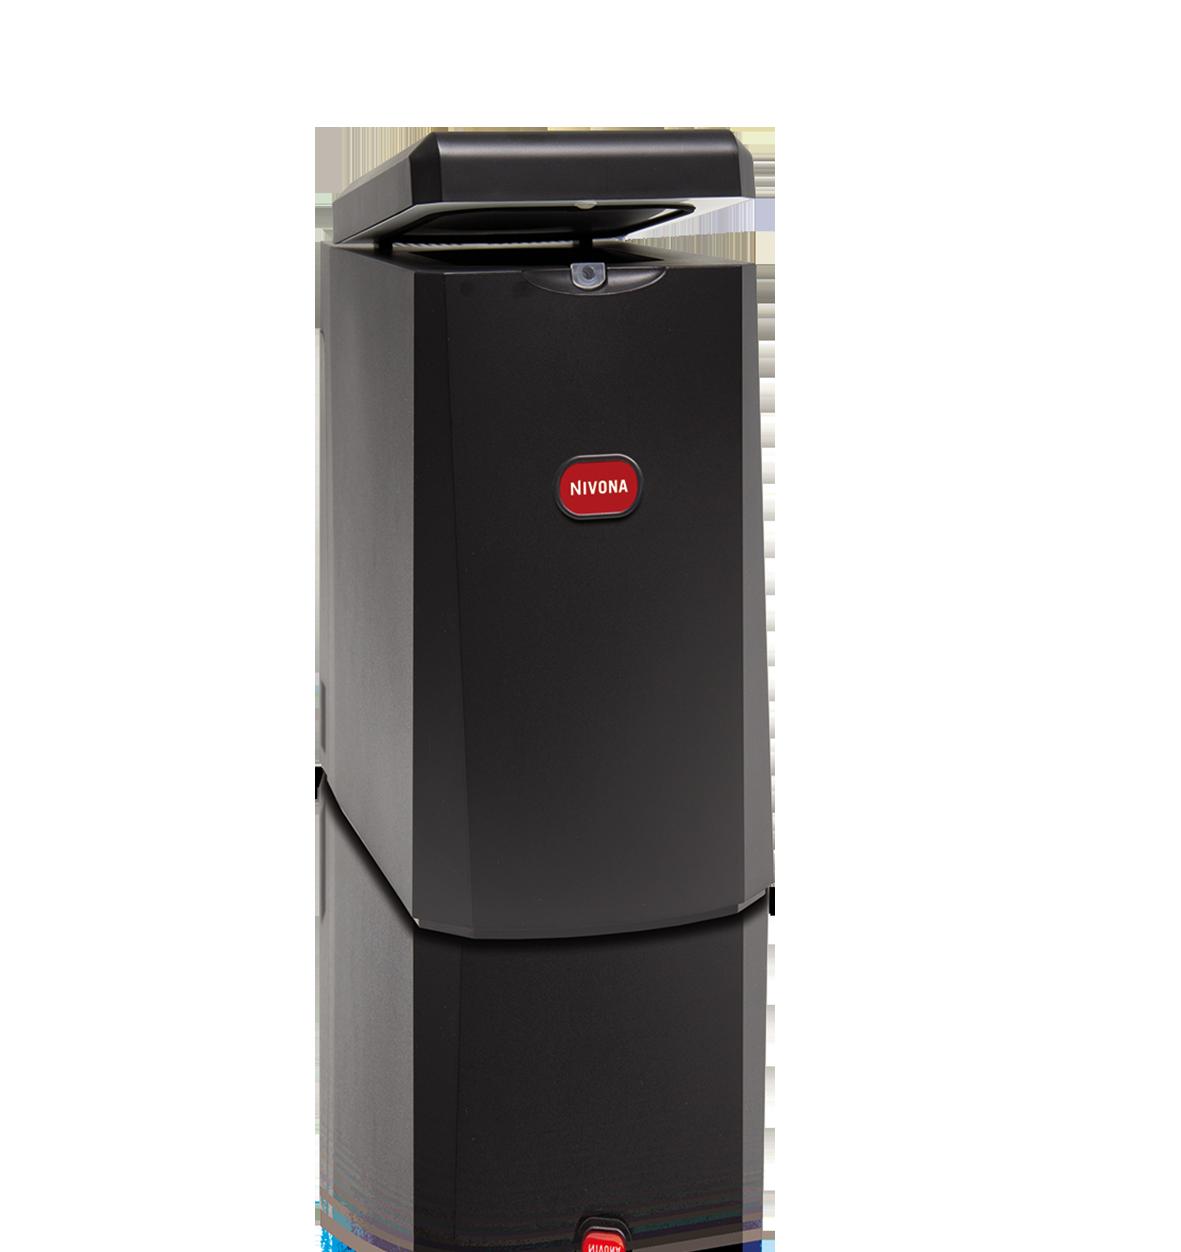 Cooler NICO 100 - Nivona Milch Kühlschrank 1 Liter